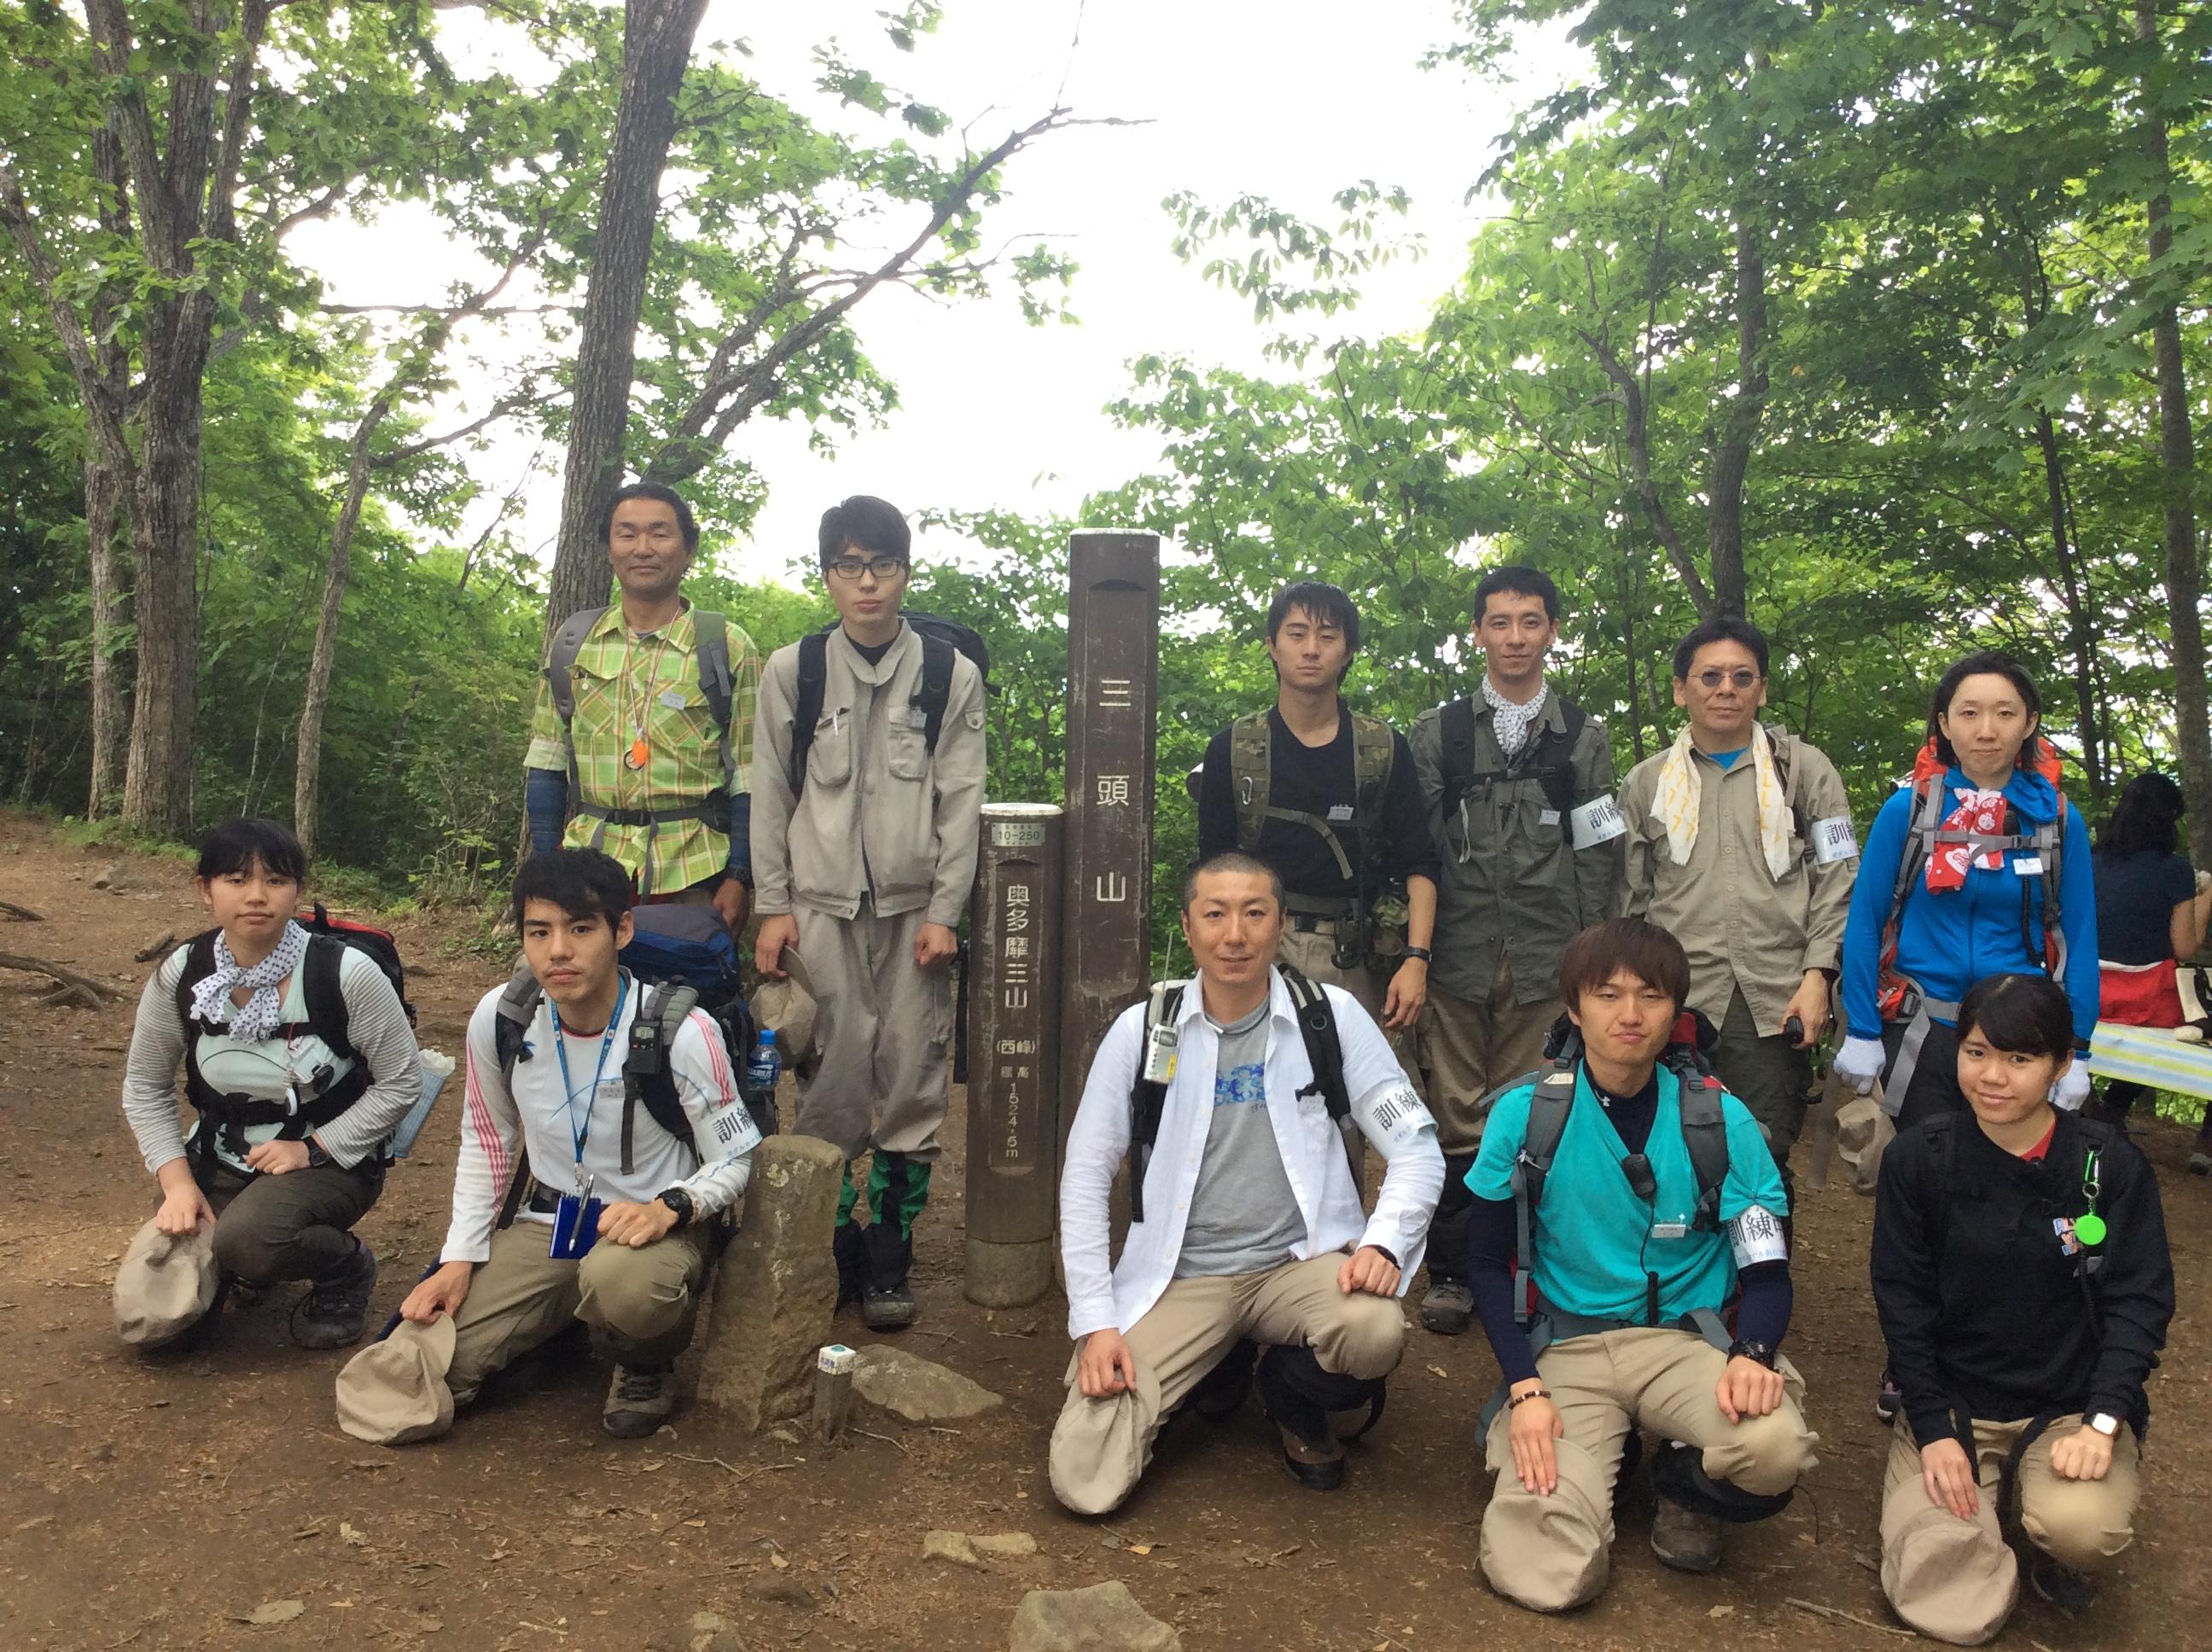 第6次隊第1回登山訓練③